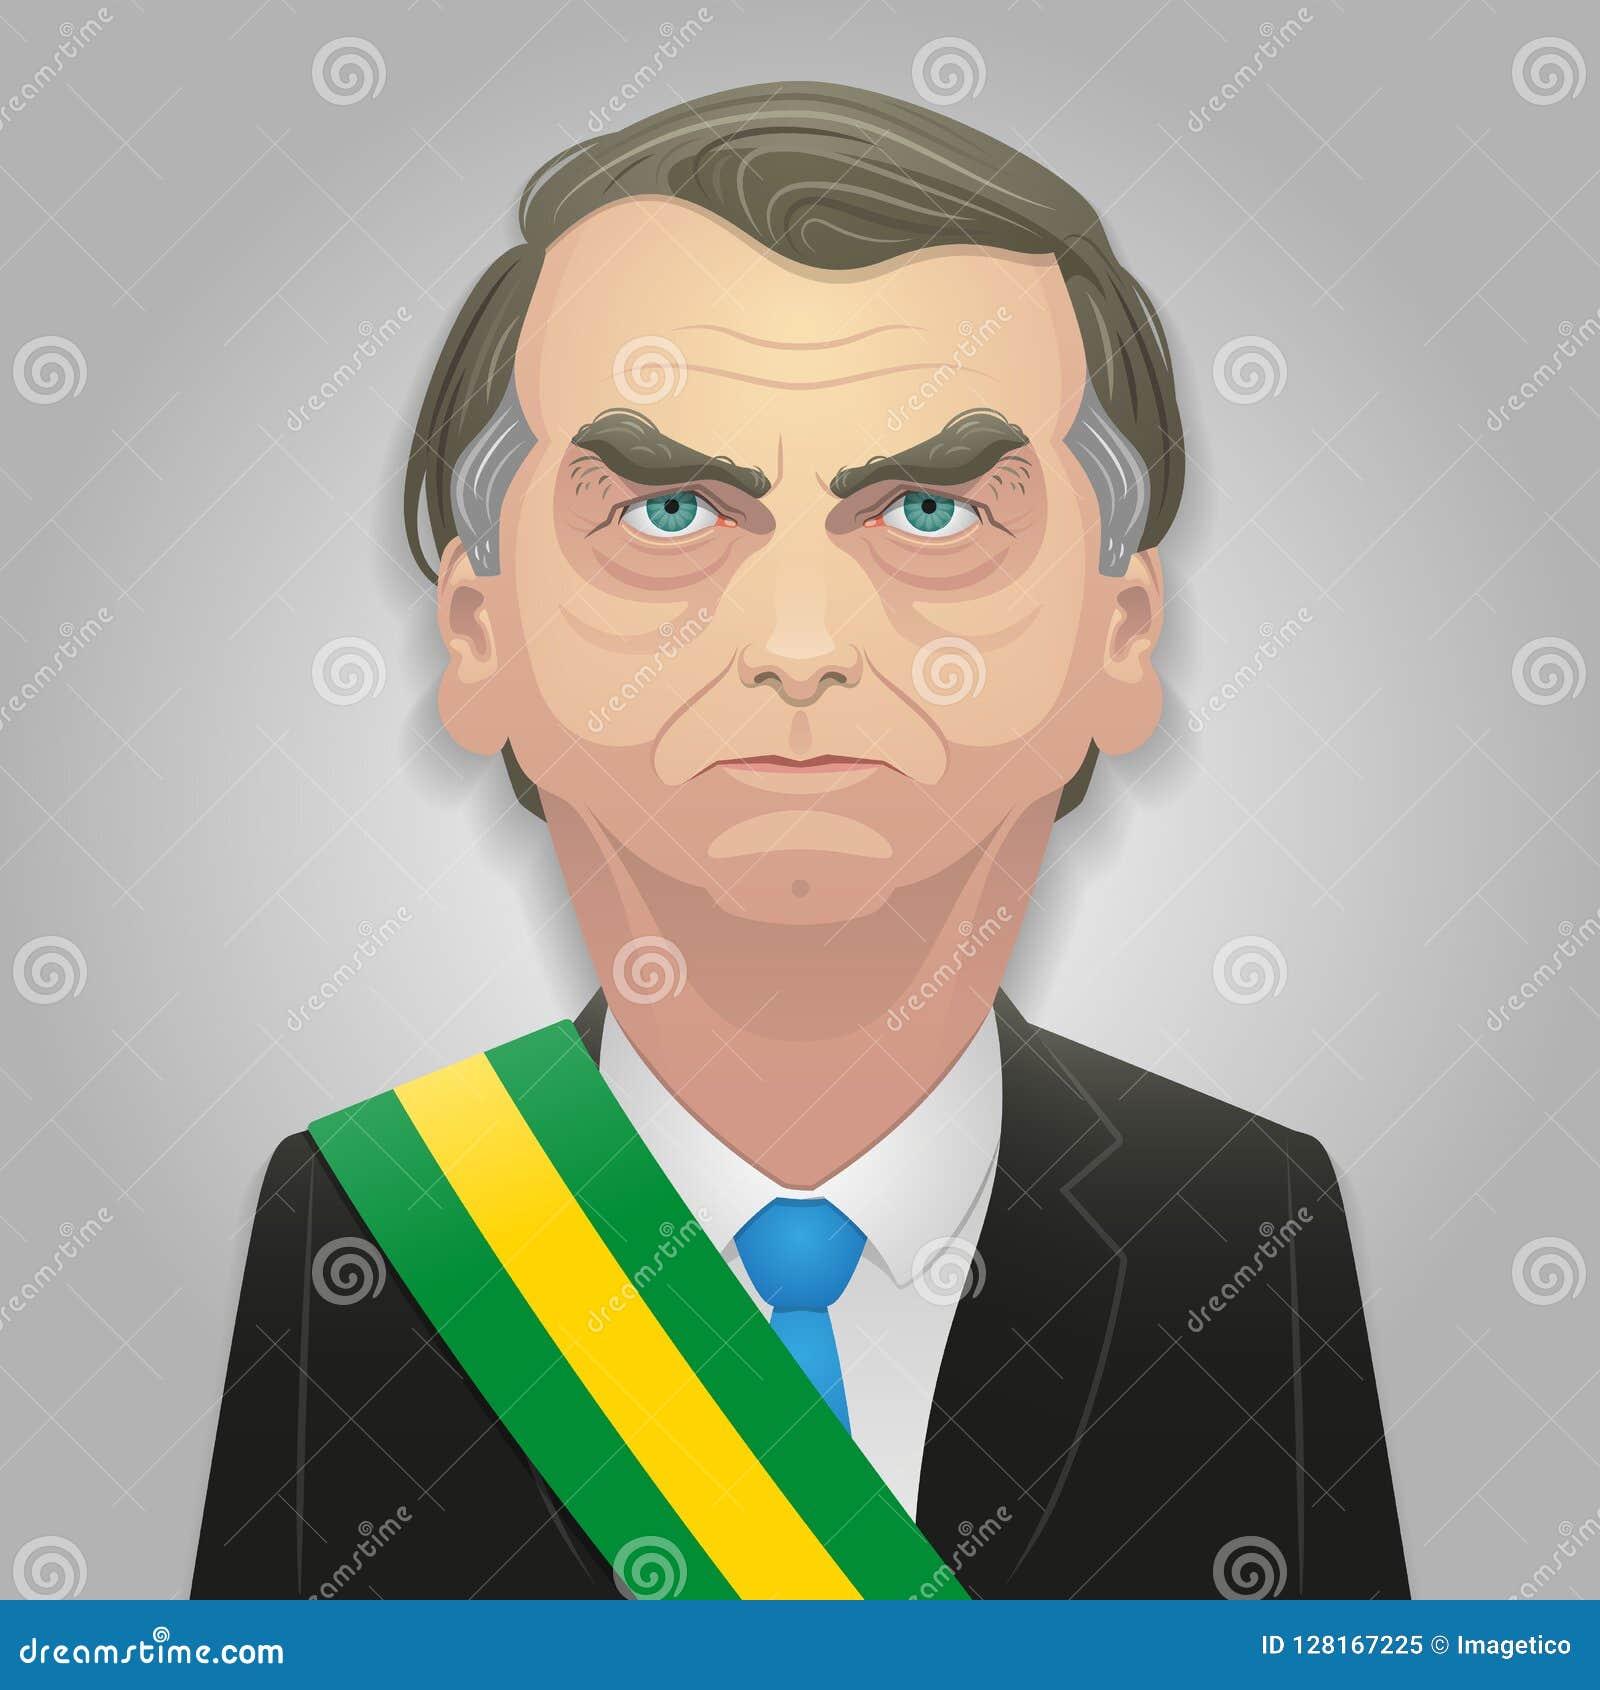 7 de octubre de 2018 - caricatura de Jair Bolsonaro, posiblemente el presidente siguiente del Brasil